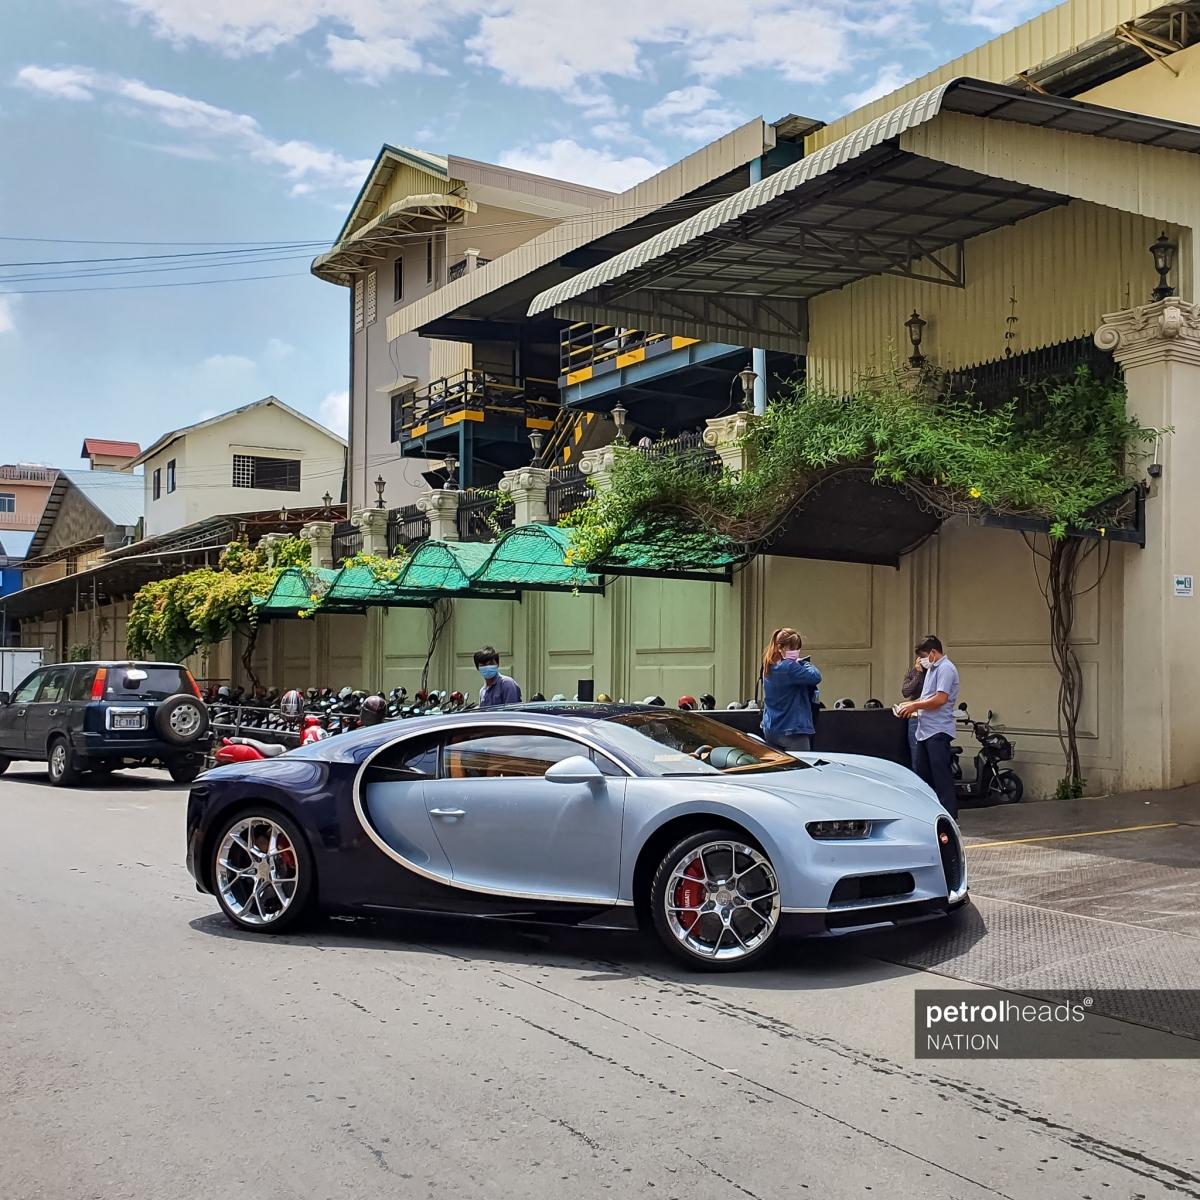 Xe được trang bị bộ mâm năm chấu kép mạ crom đẹp mắt với hệ thống phanh cỡ lớn phía trong, nổi bật với cùm phanh màu đỏ. Bên trong, khoang lái của xe được bọc da màu da bò và đen.